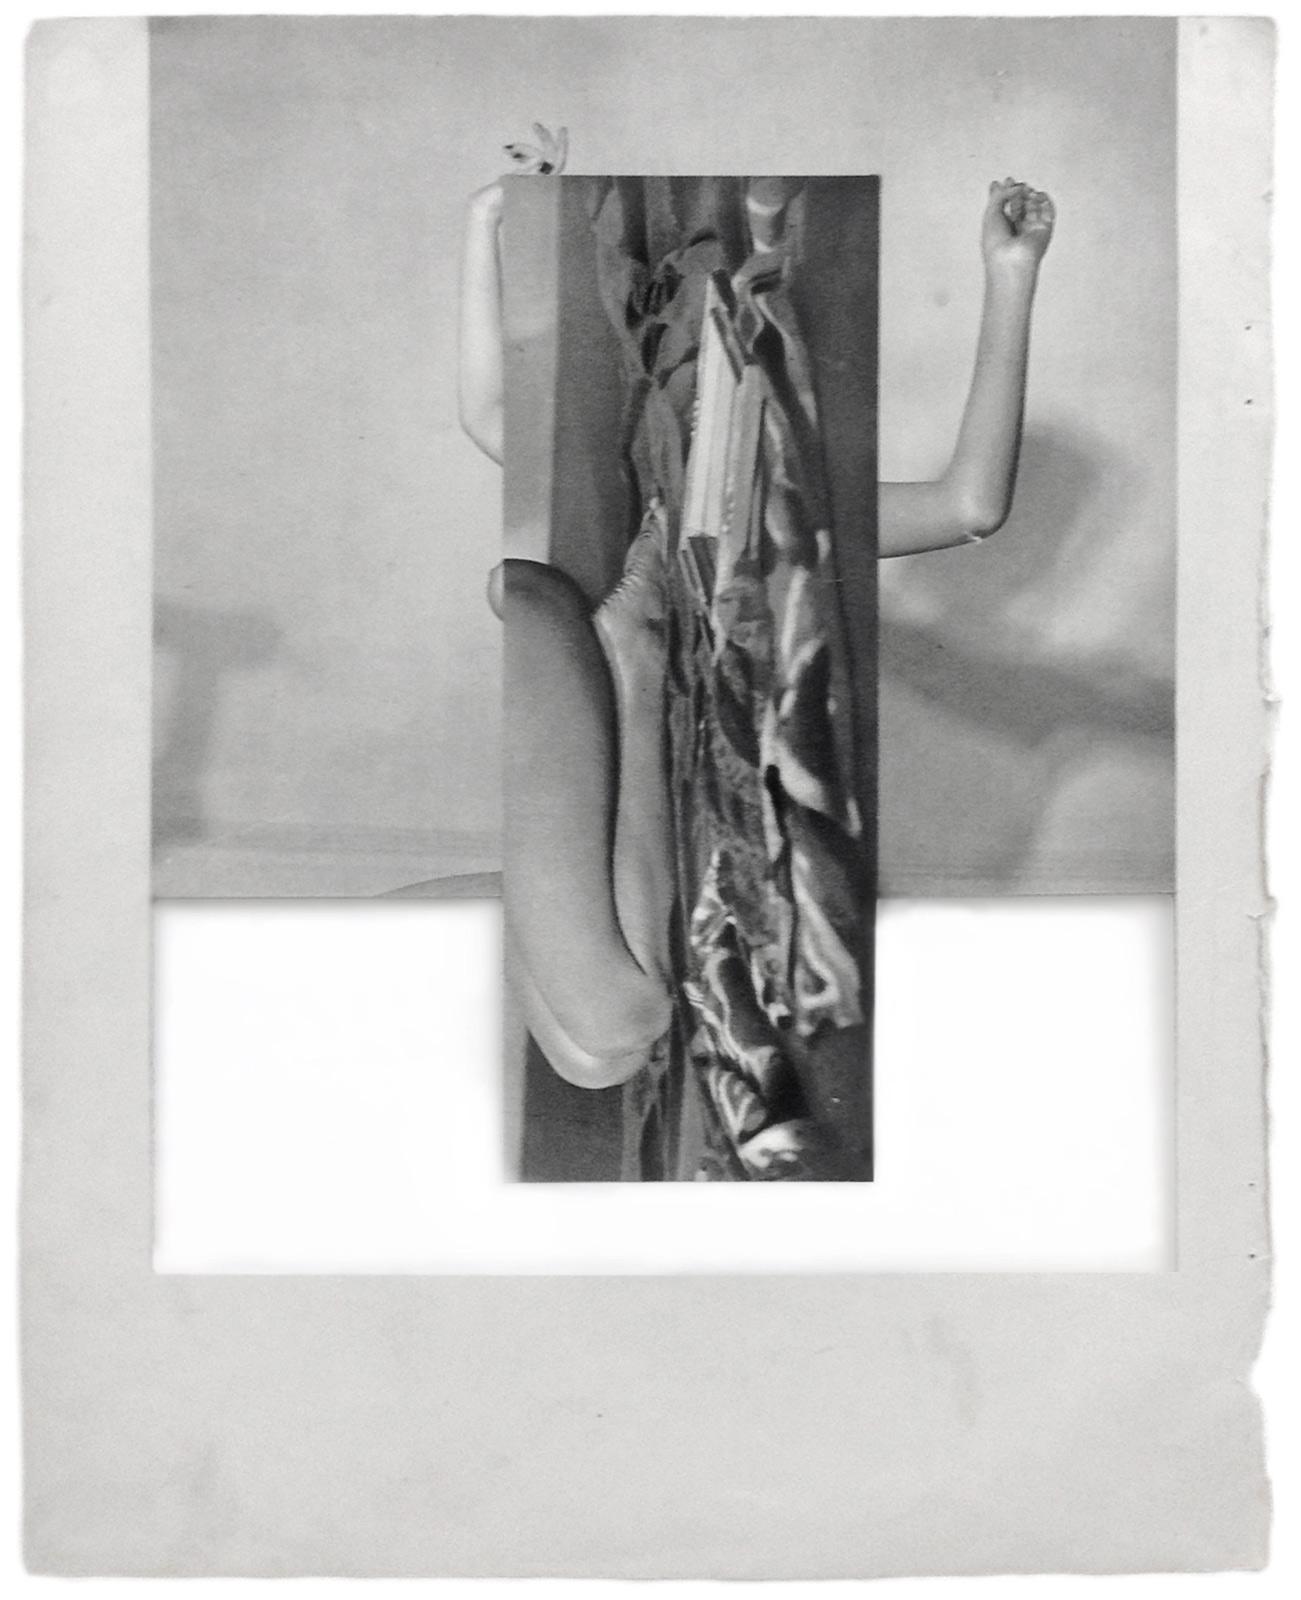 Cecilia Bonilla   Sets for domestic leisure 3   2015   Collage   29x23cm